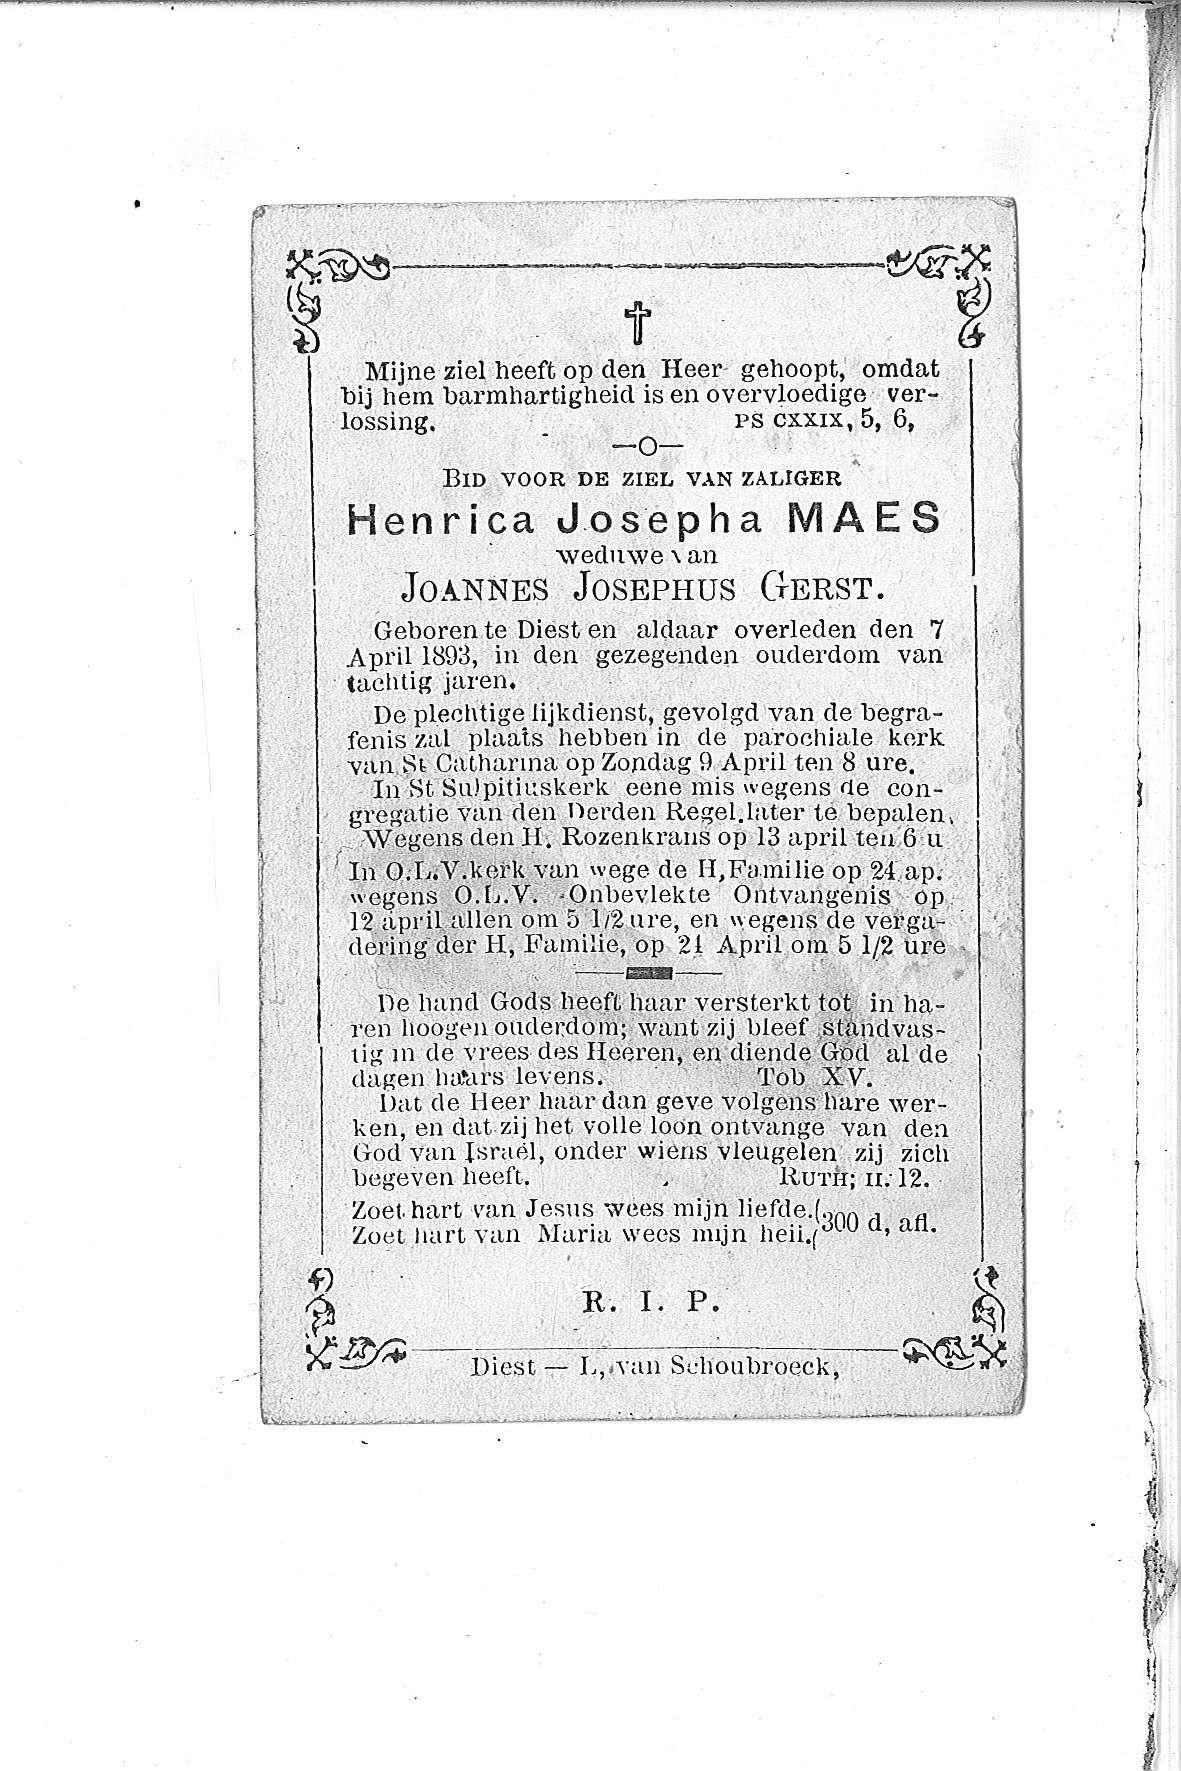 Henrica-Josepha(1893)20111109083150_00133.jpg